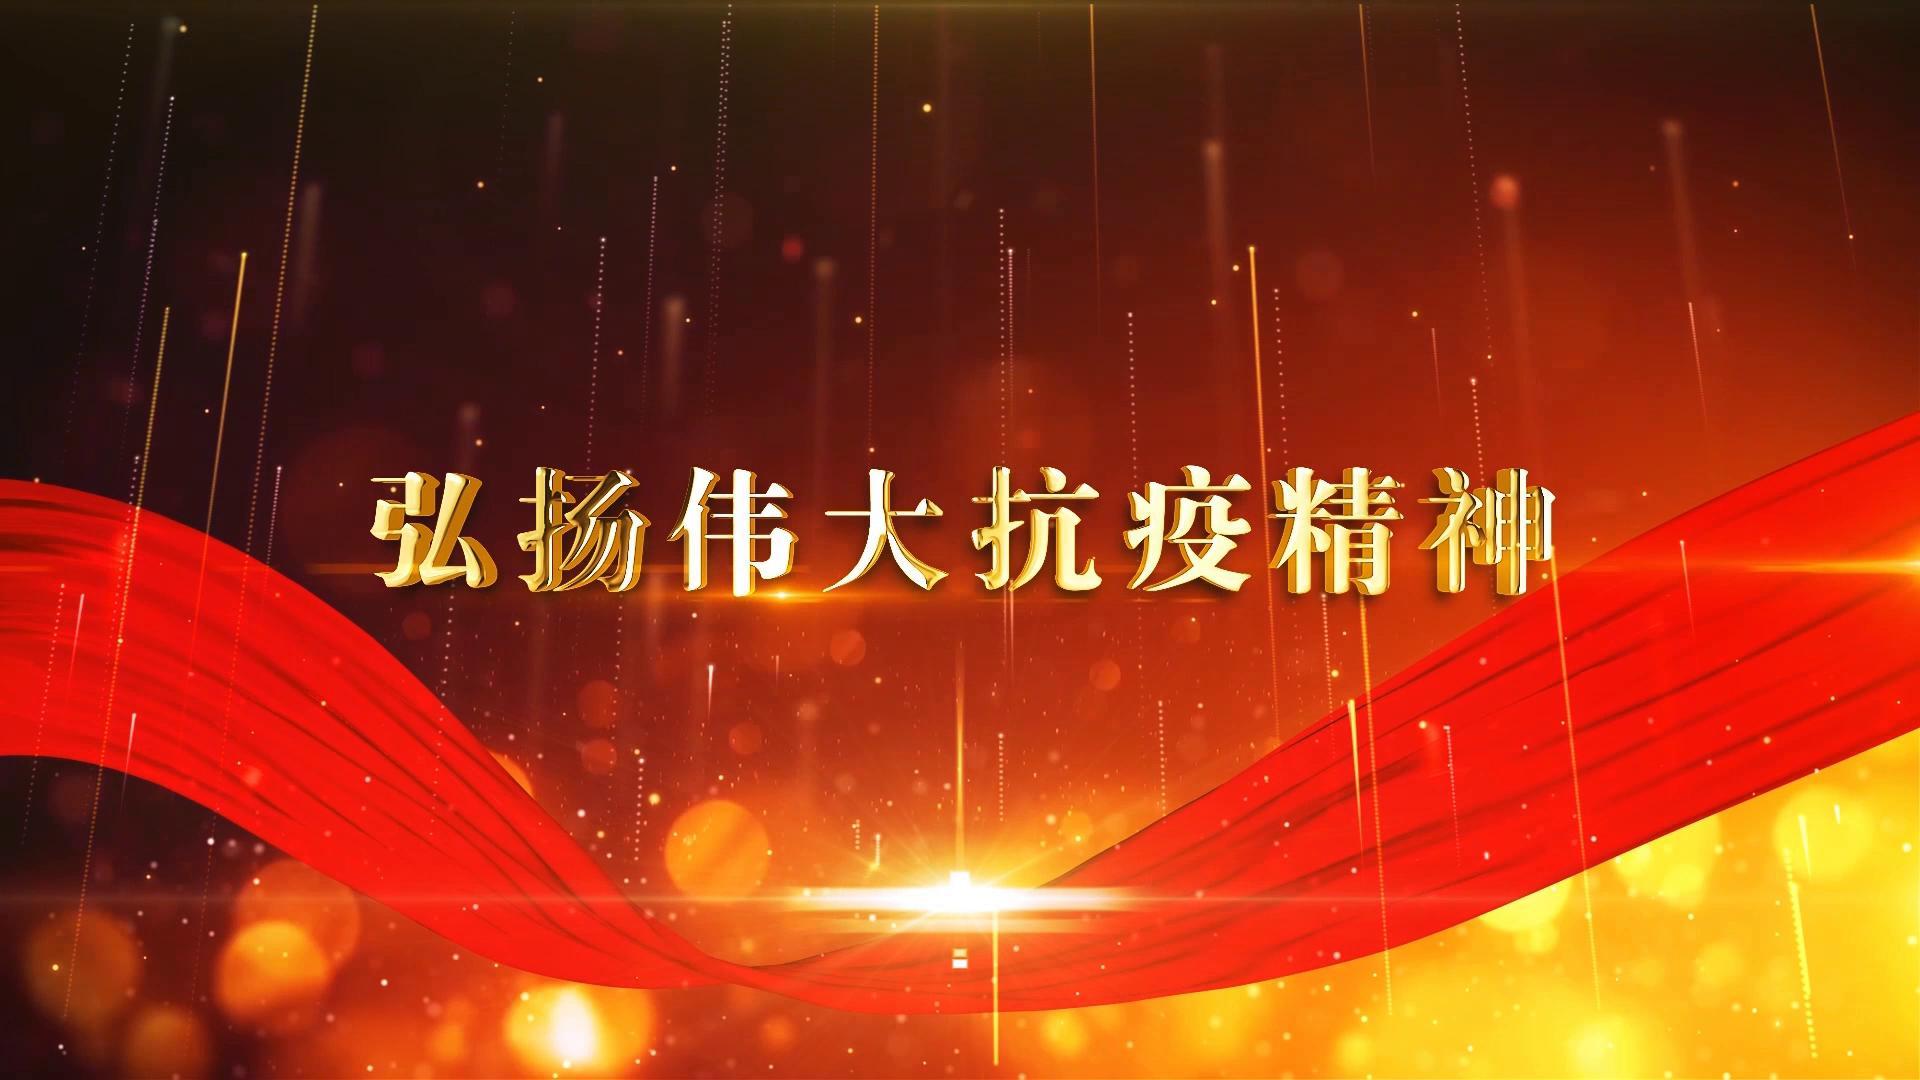 """""""出彩河南人""""楷模發布廳致敬抗疫英雄特別節目《人民不會忘記》"""